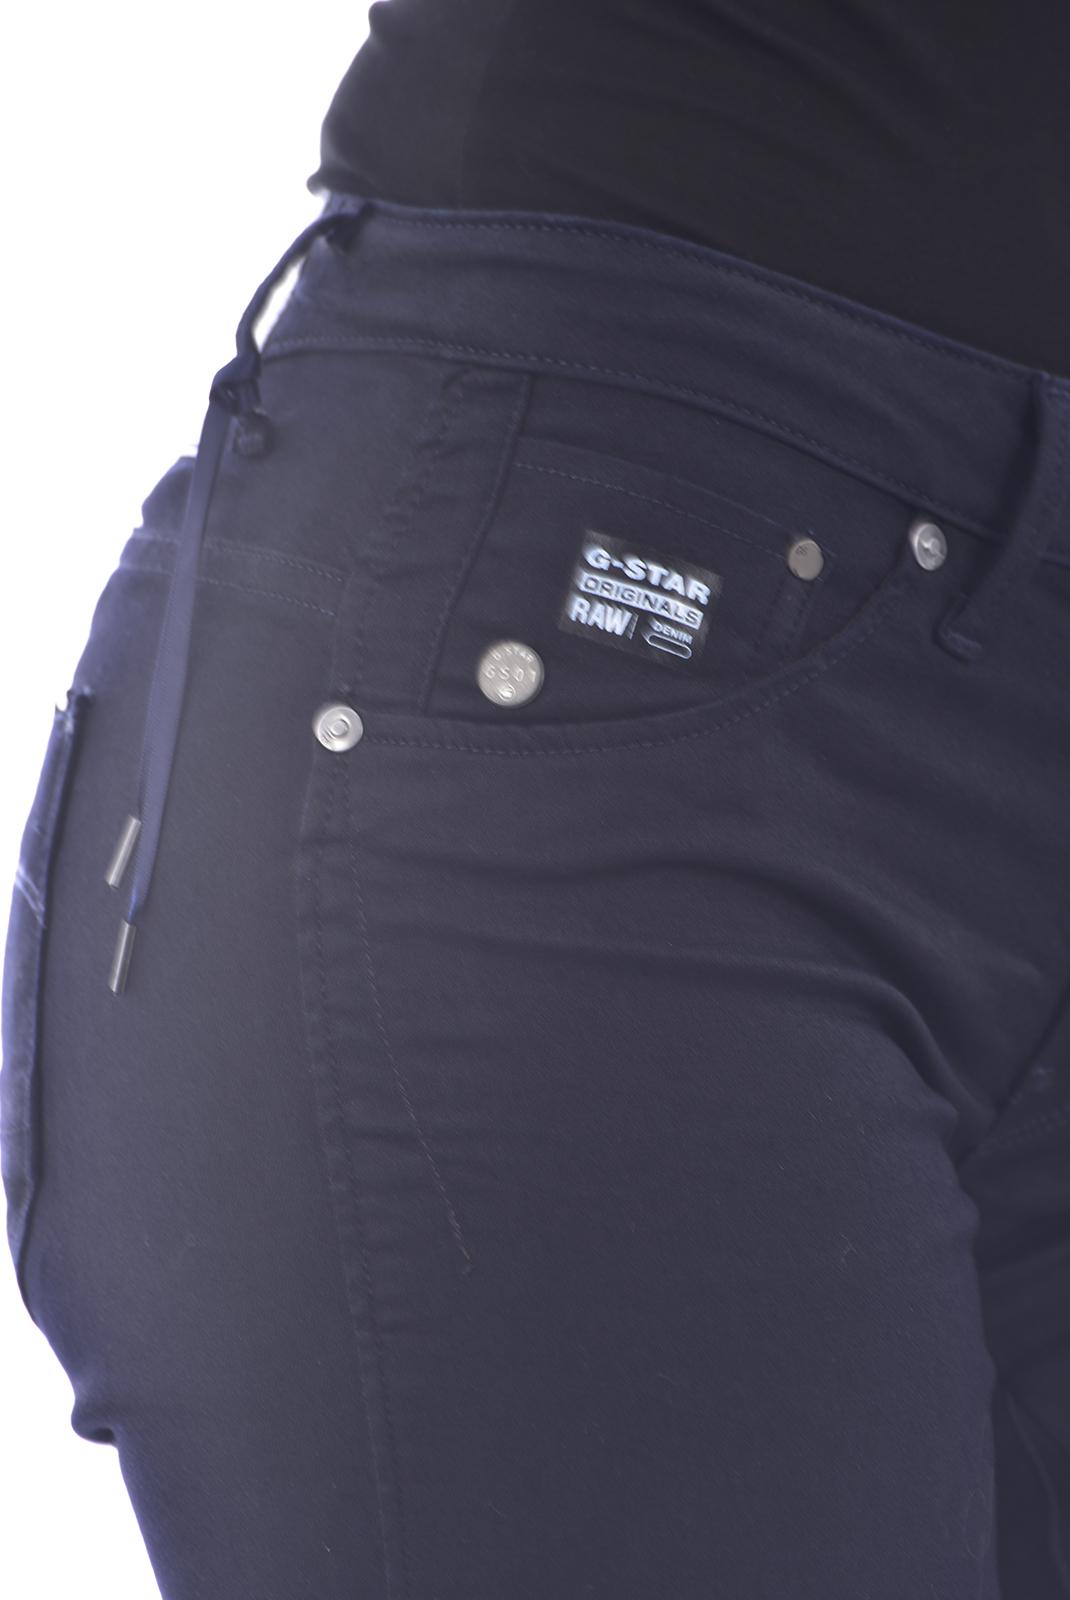 Jeans   G-star 60488.3951.001 arc 3D BLEU